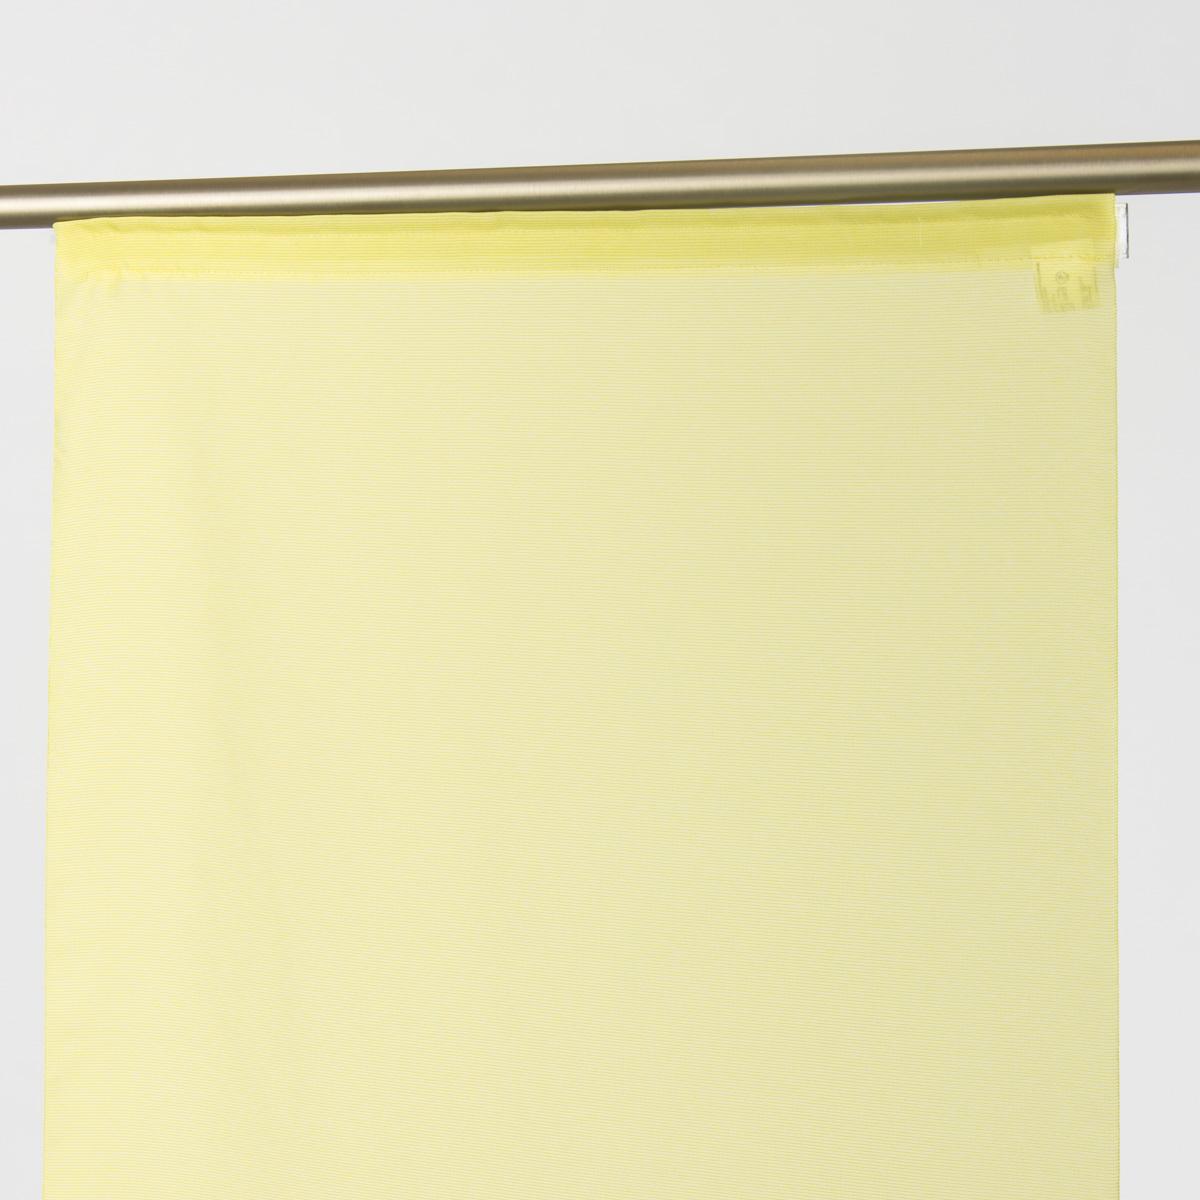 Schiebevorhang Flächenvorhang Saros uni grün 245x60cm